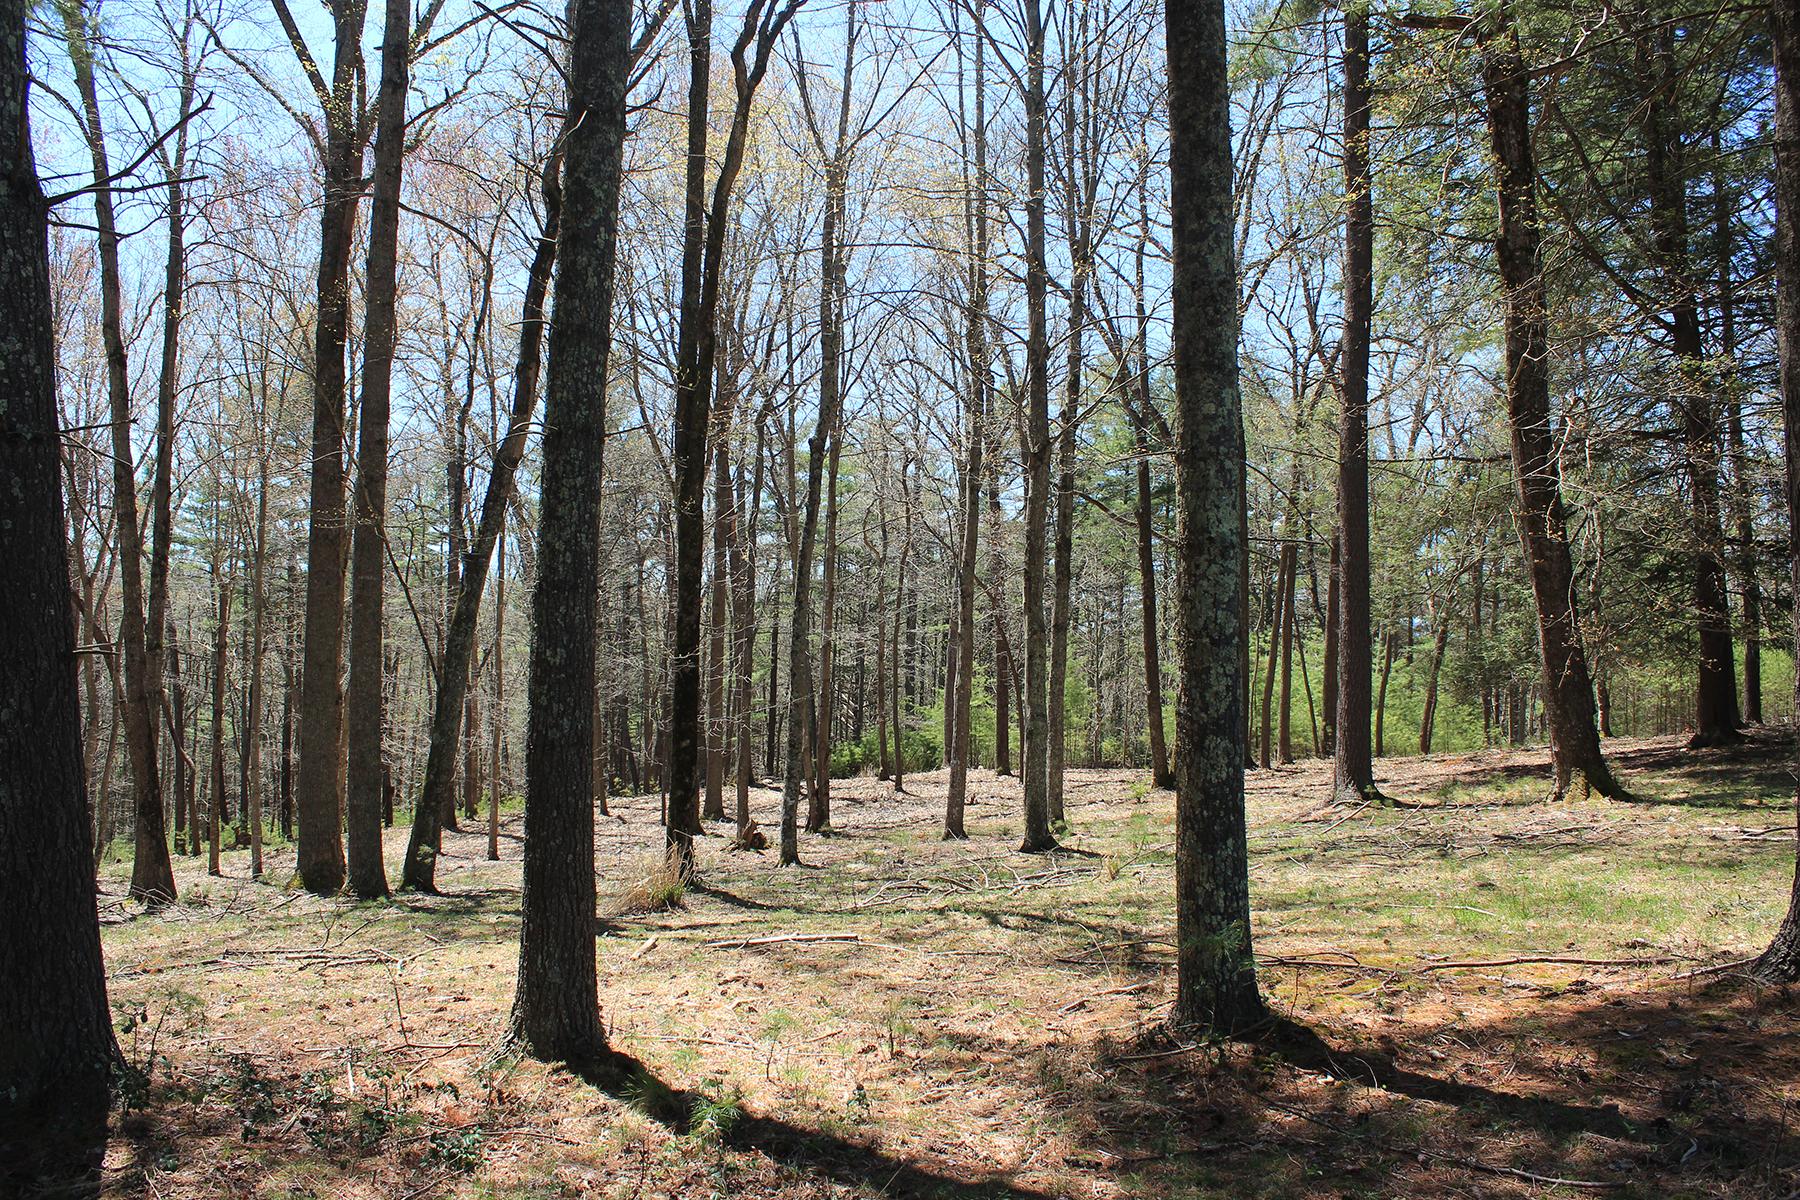 Οικόπεδο για την Πώληση στο BILTMORE FOREST Lot 1 Cedar Hill Drive, Biltmore Forest, Βορεια Καρολινα 28803 Ηνωμένες Πολιτείες